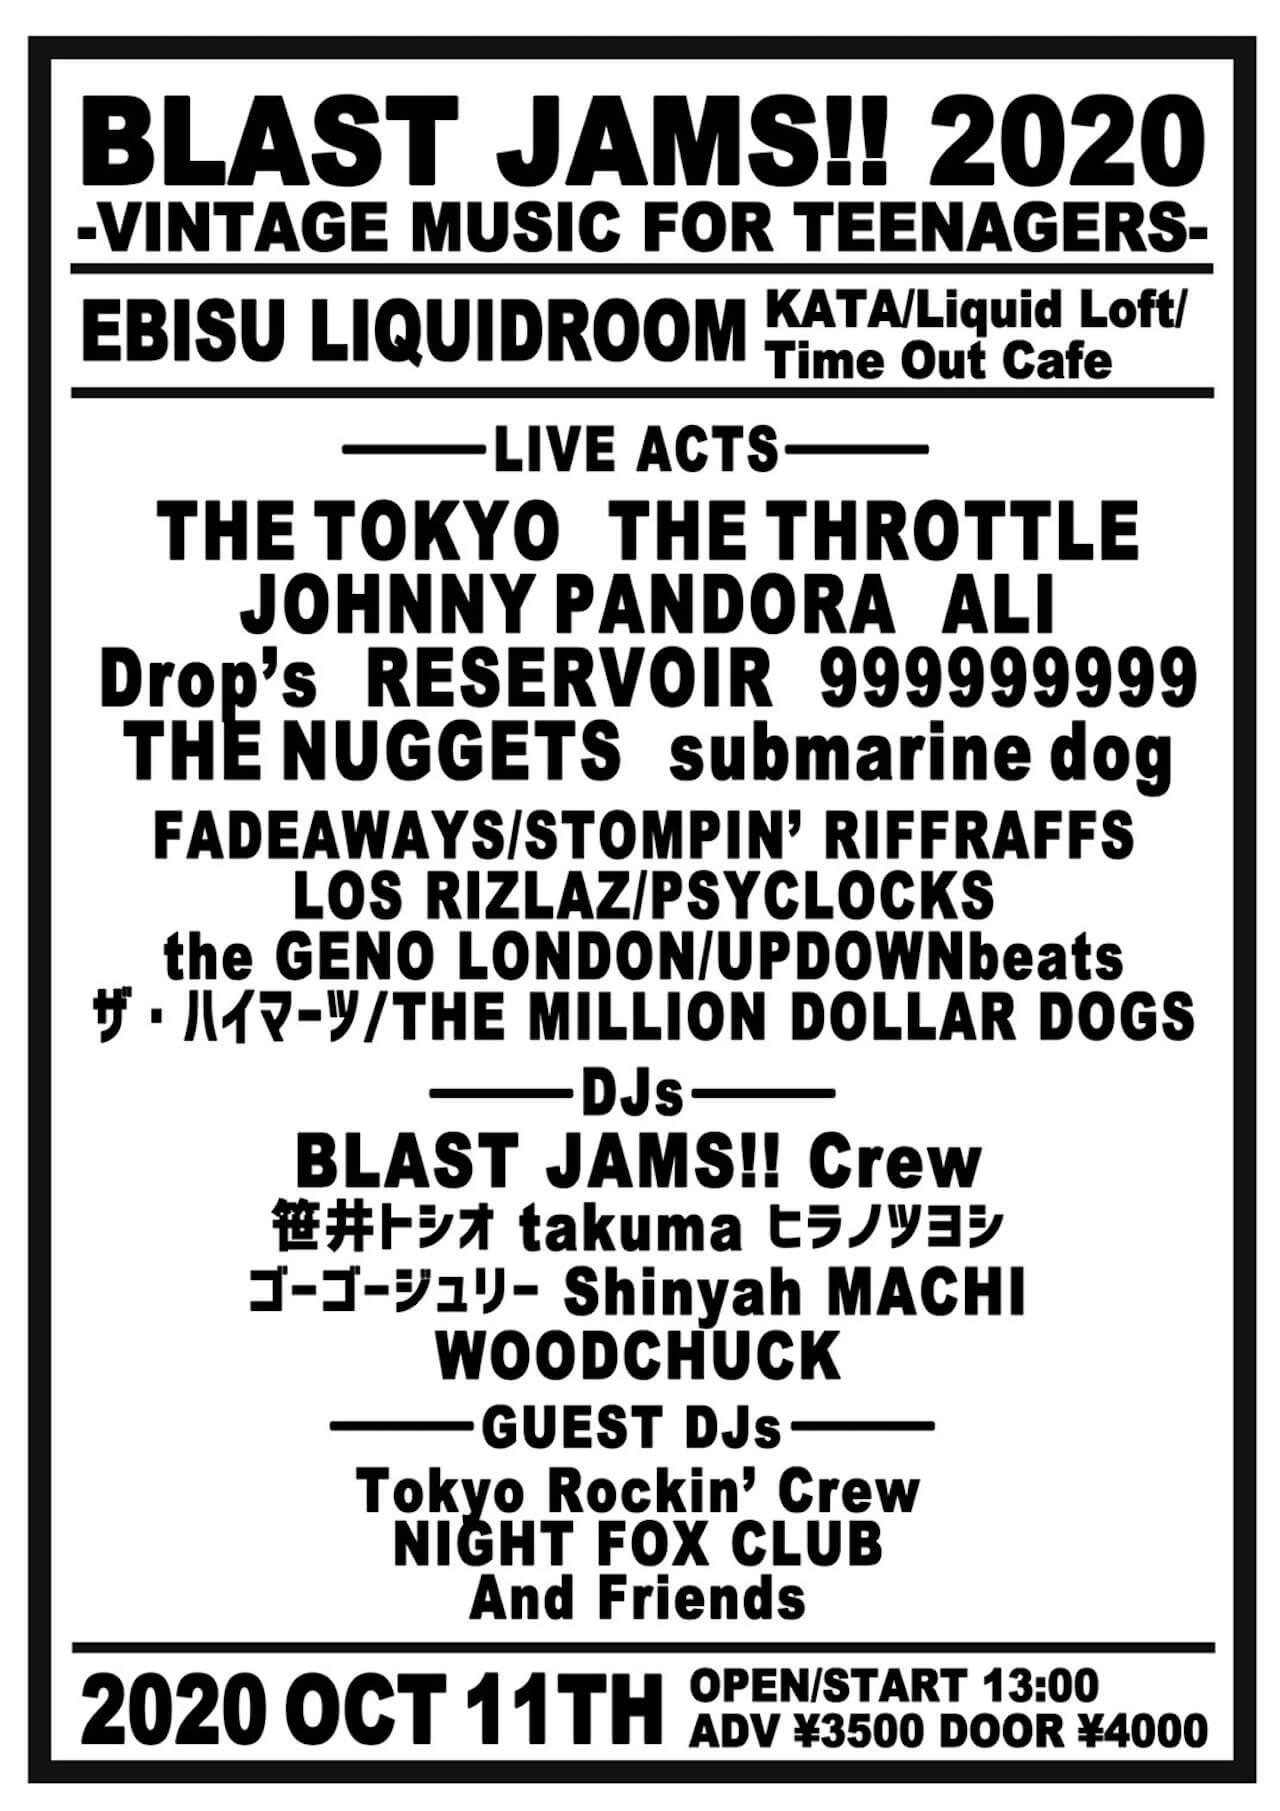 THE THROTTLEが年末に主催するランブルパーティー<ROCKER ROOM RUMBLE>の全貌が明らかに|<水曜日のスロットル>2020年キックオフはTHE TOKYOを招いて開催 music191216-thethrottle-09